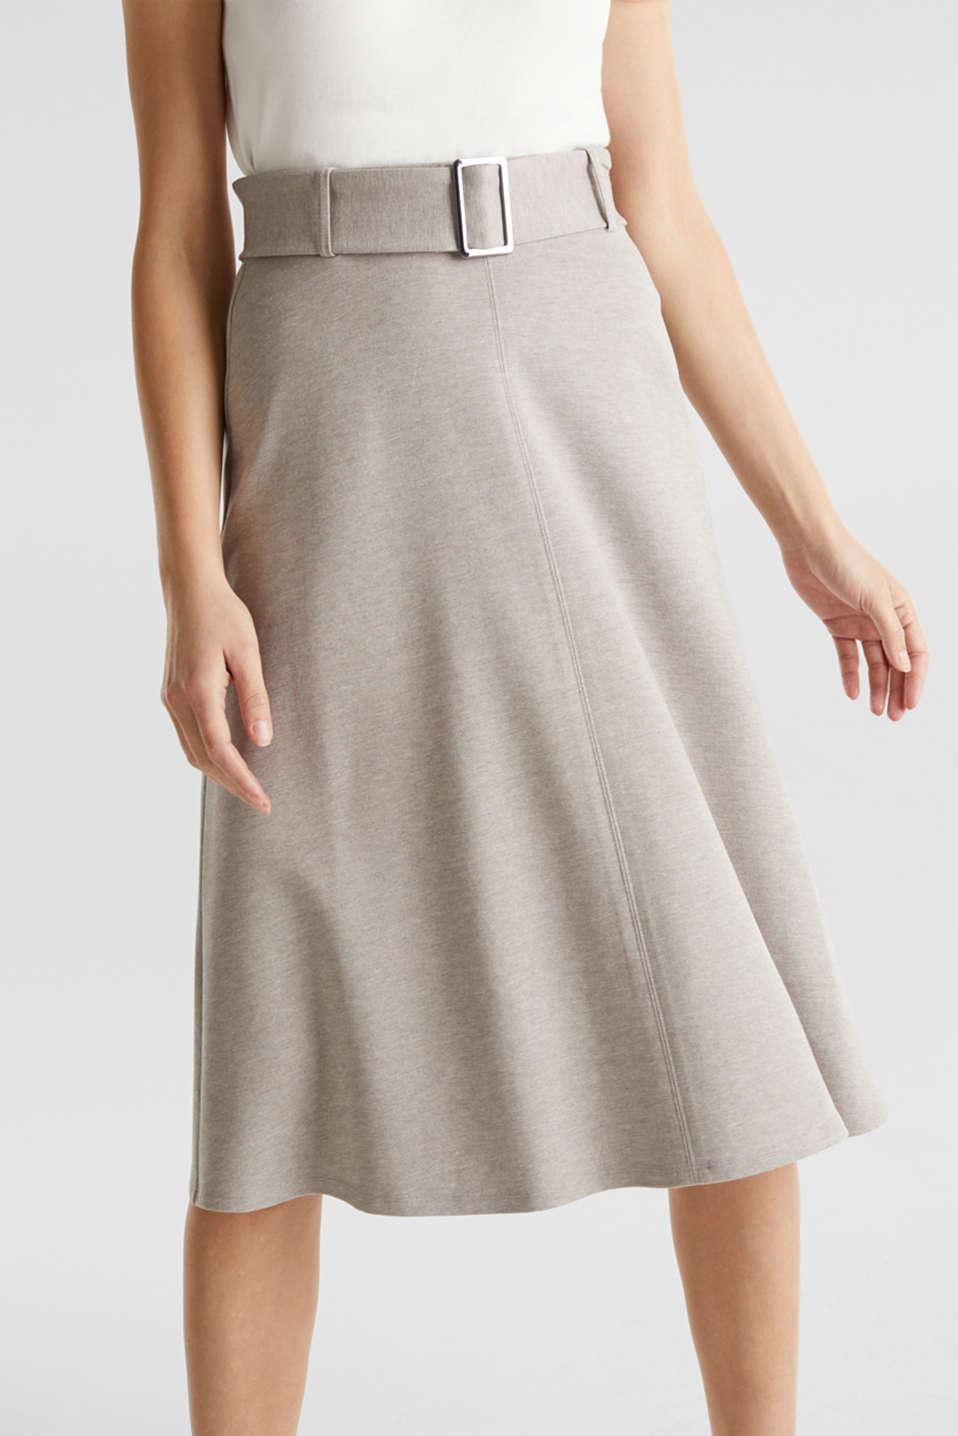 Melange A-line jersey skirt, LIGHT BEIGE, detail image number 6